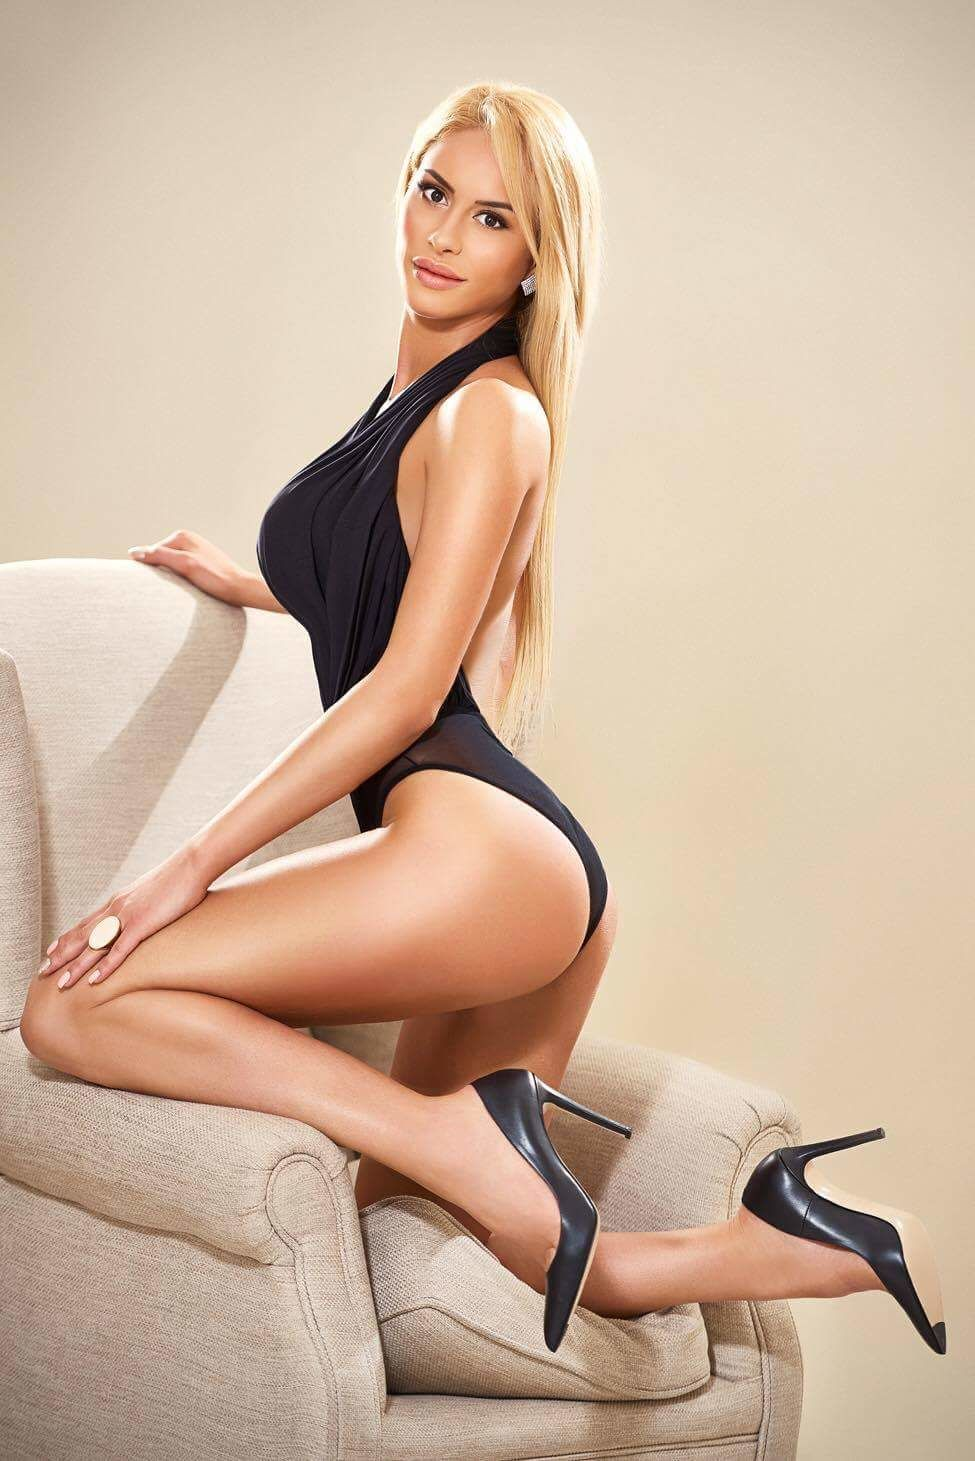 Skinny Slim Thin Slender London Escorts